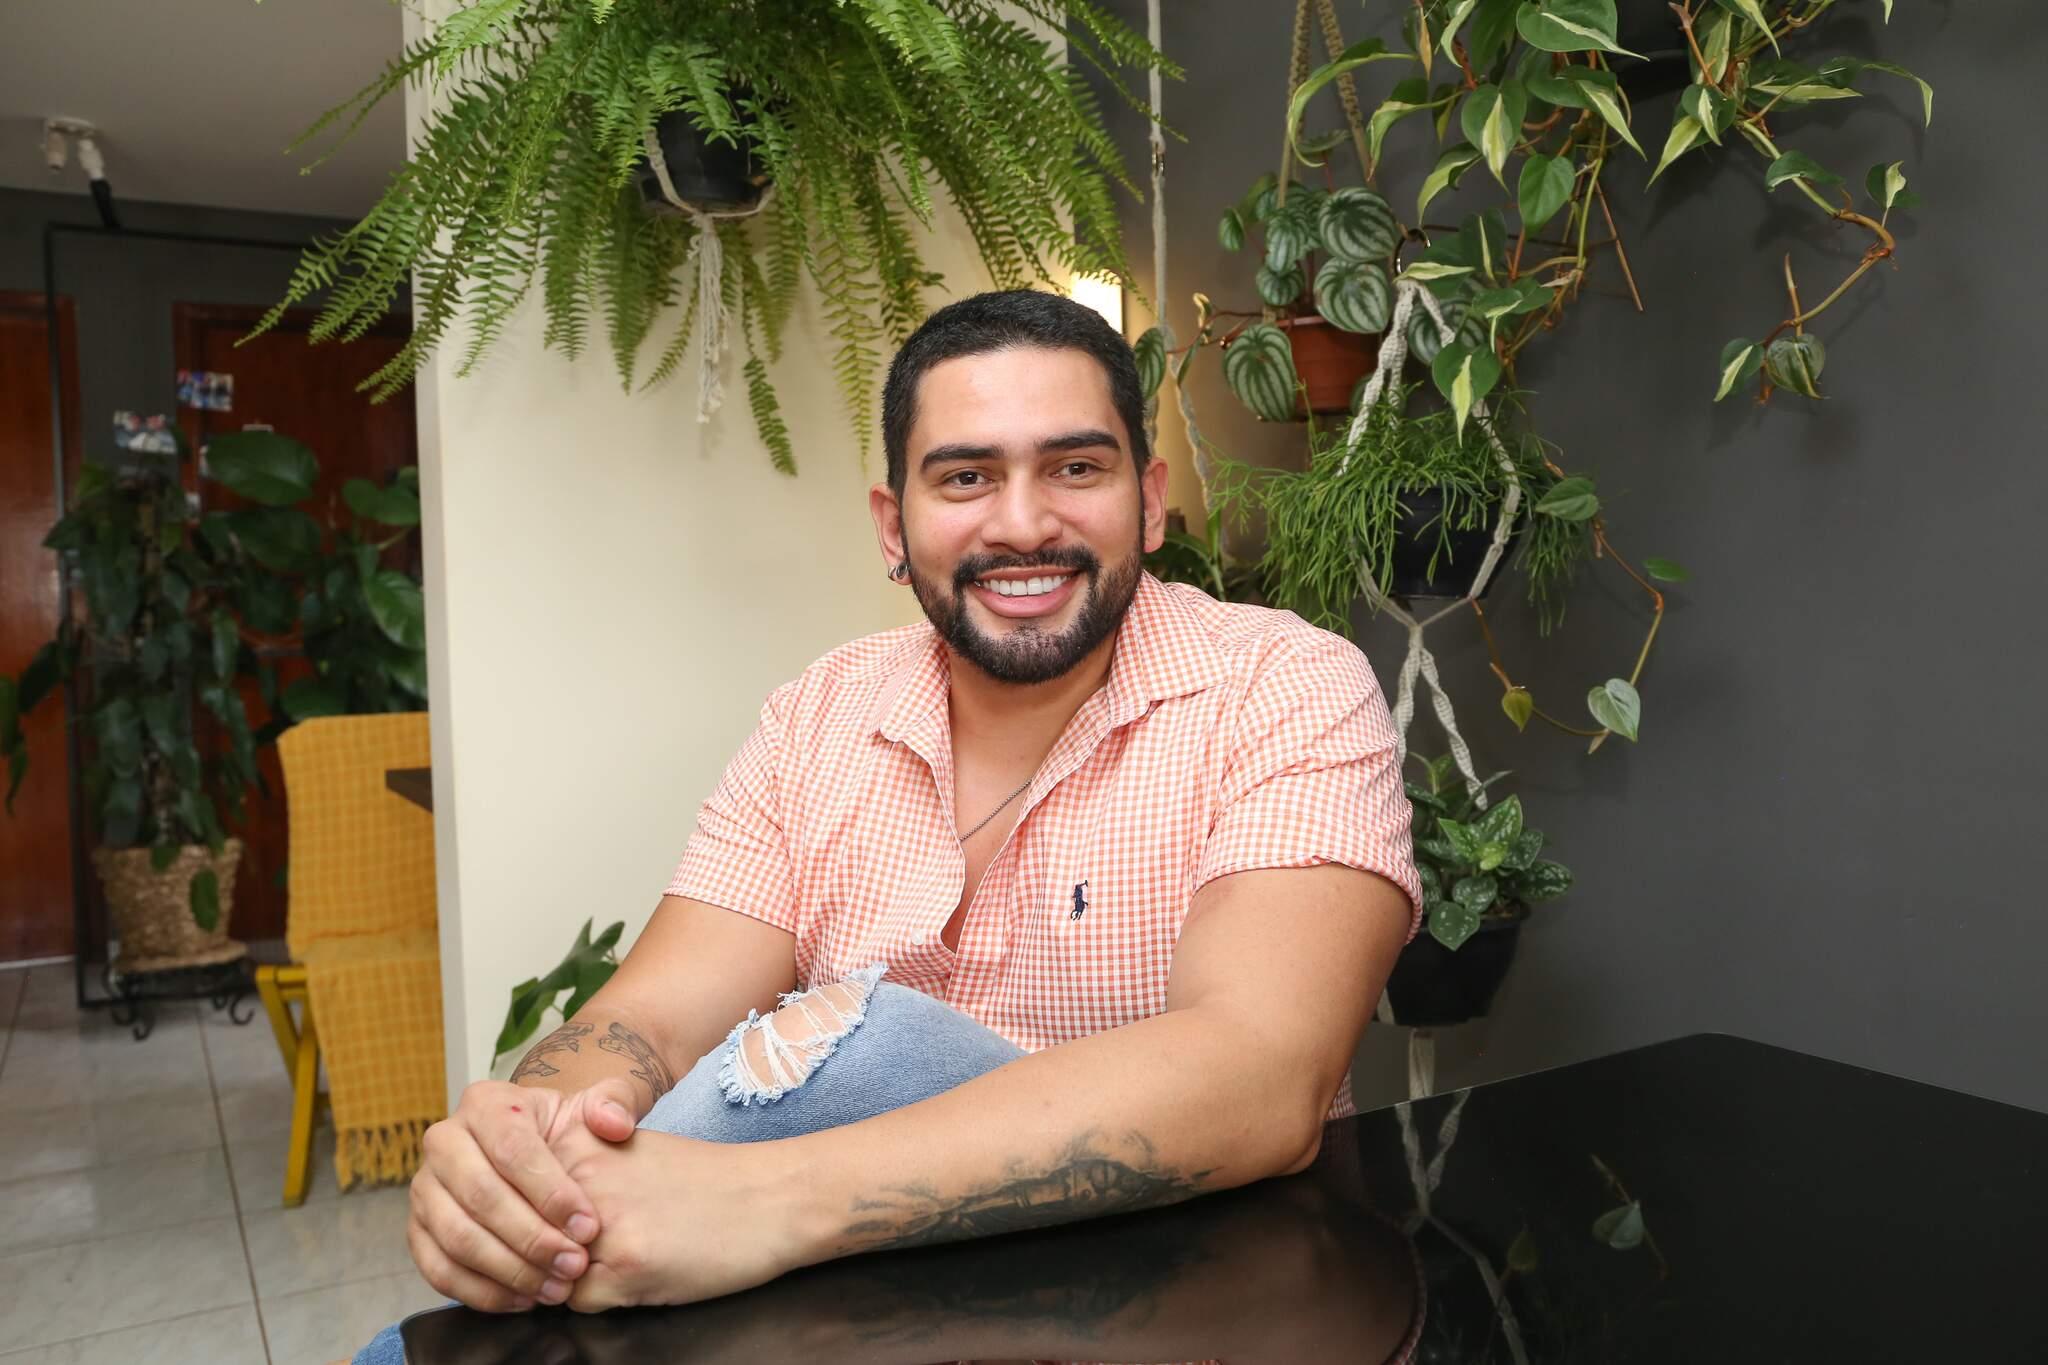 Saulo é cabeleireiro e apaixonado por plantas. (Foto: Kísie Ainoã)